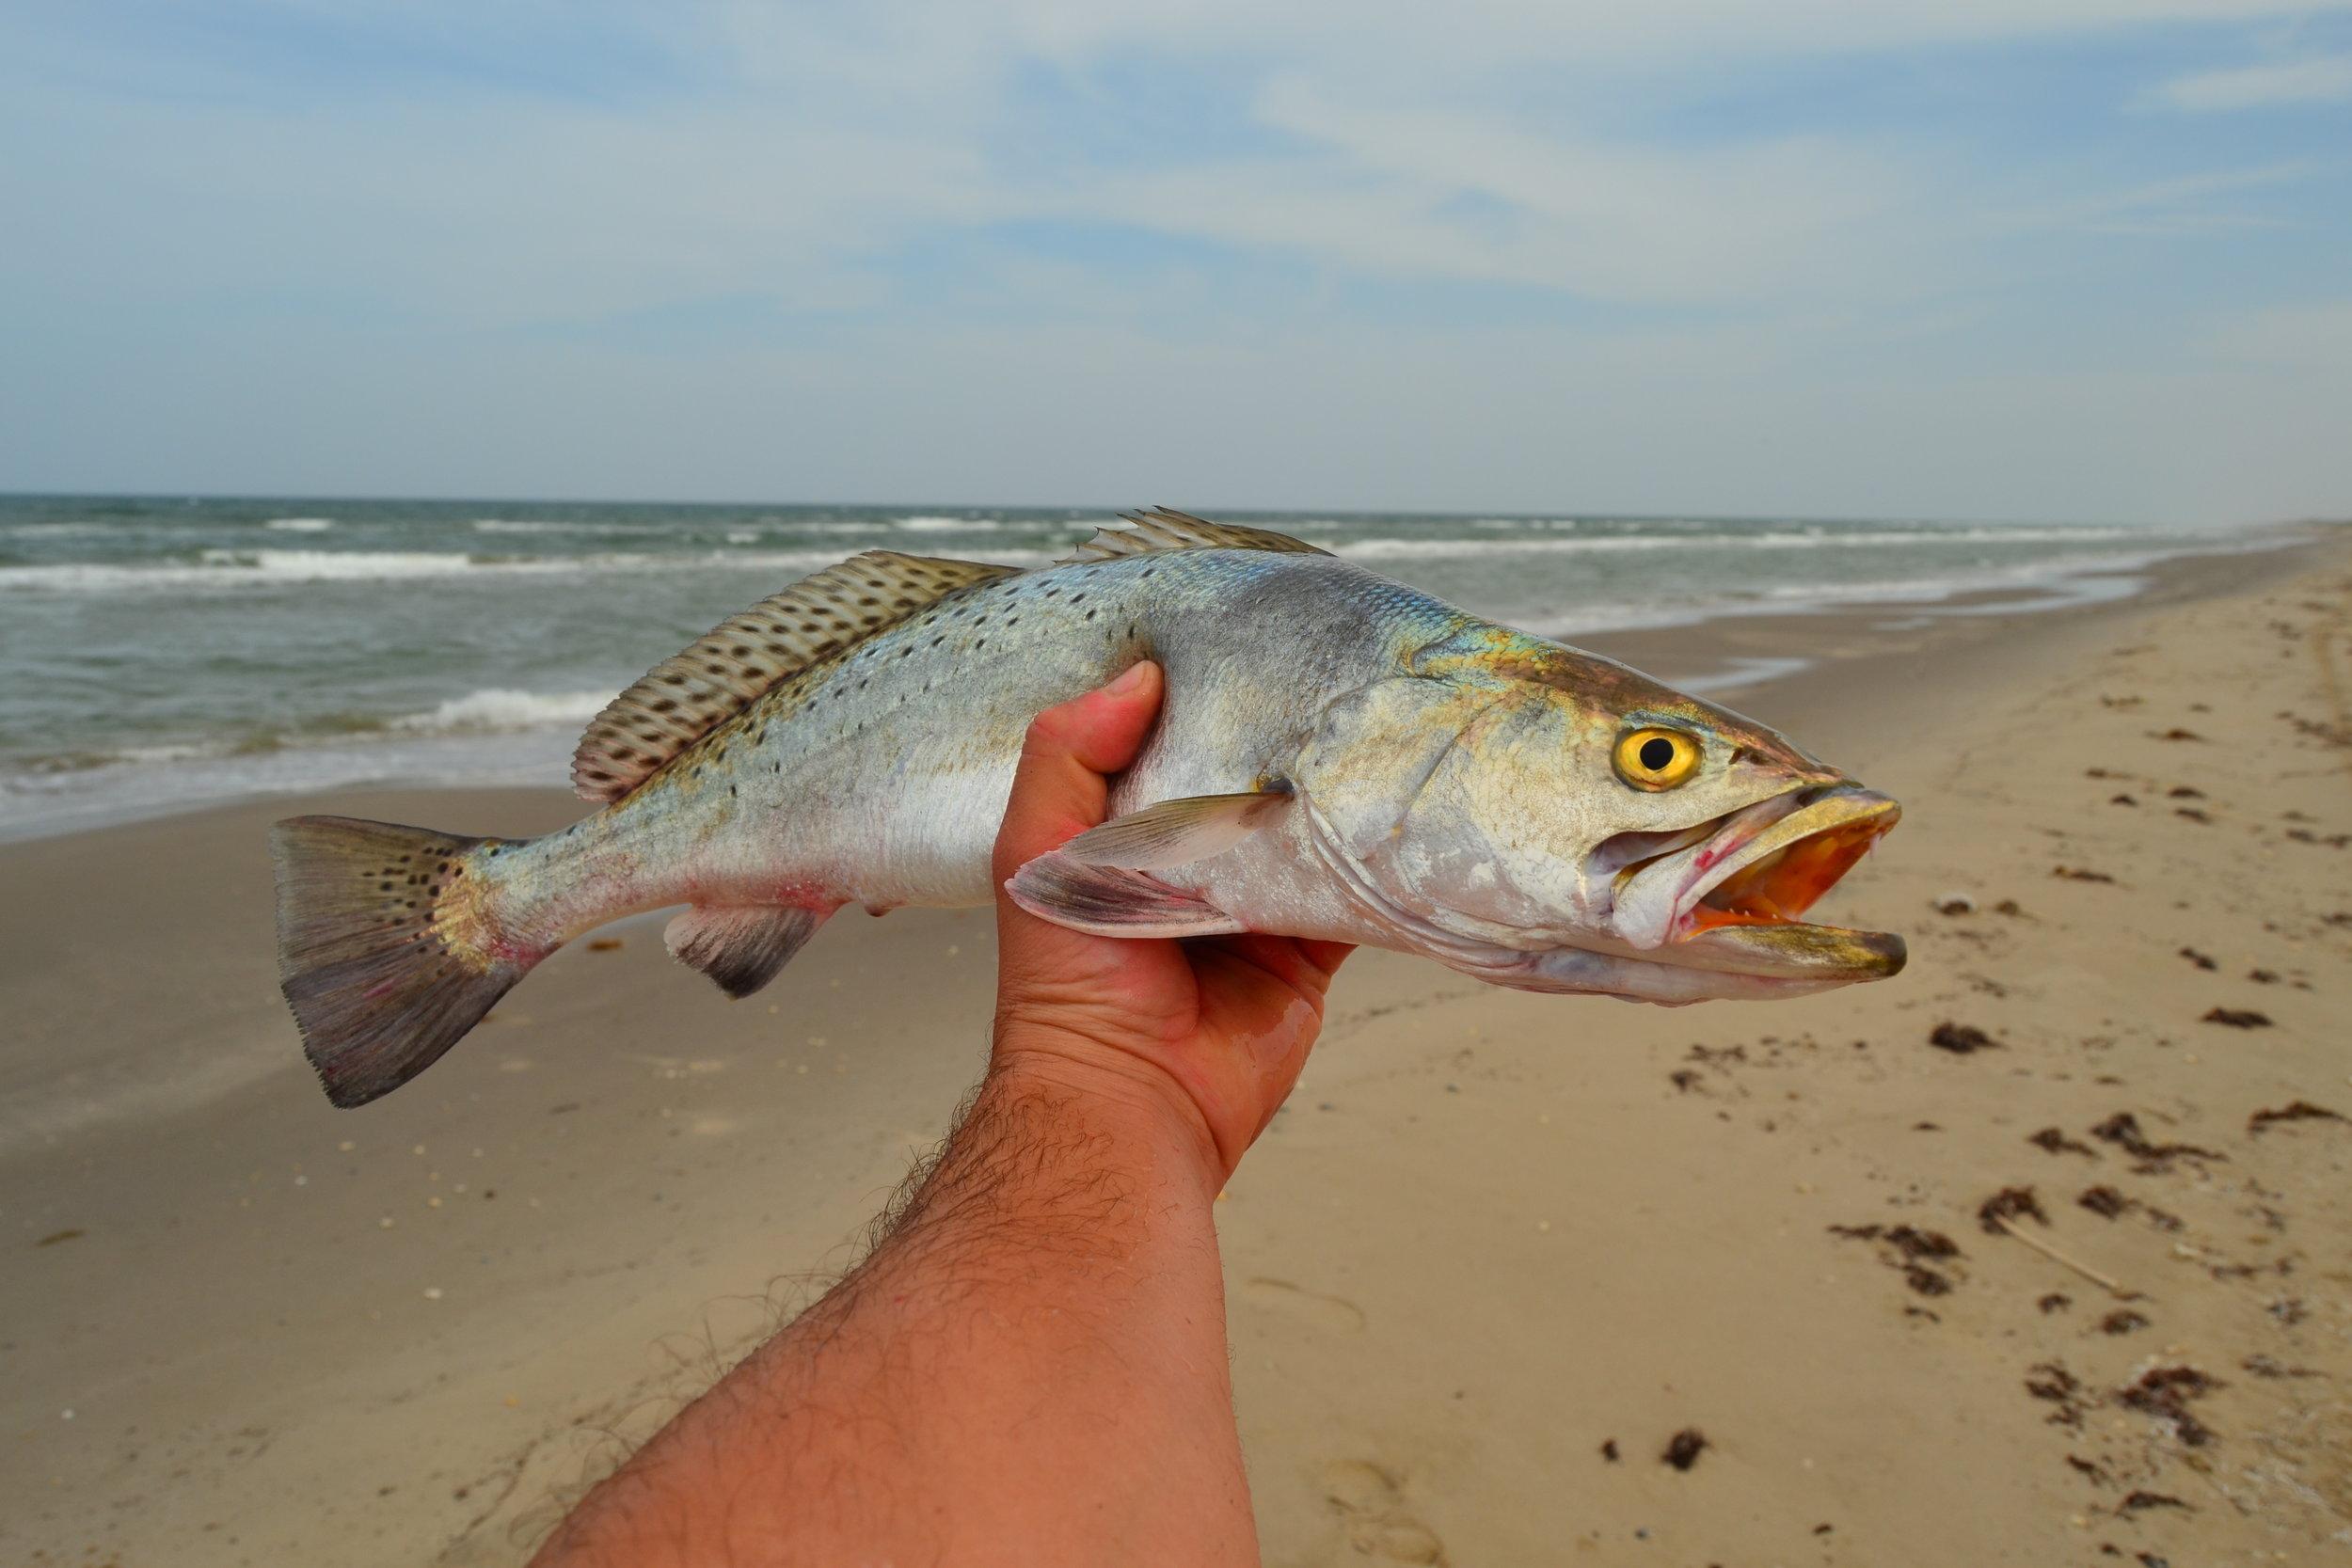 June surf trout